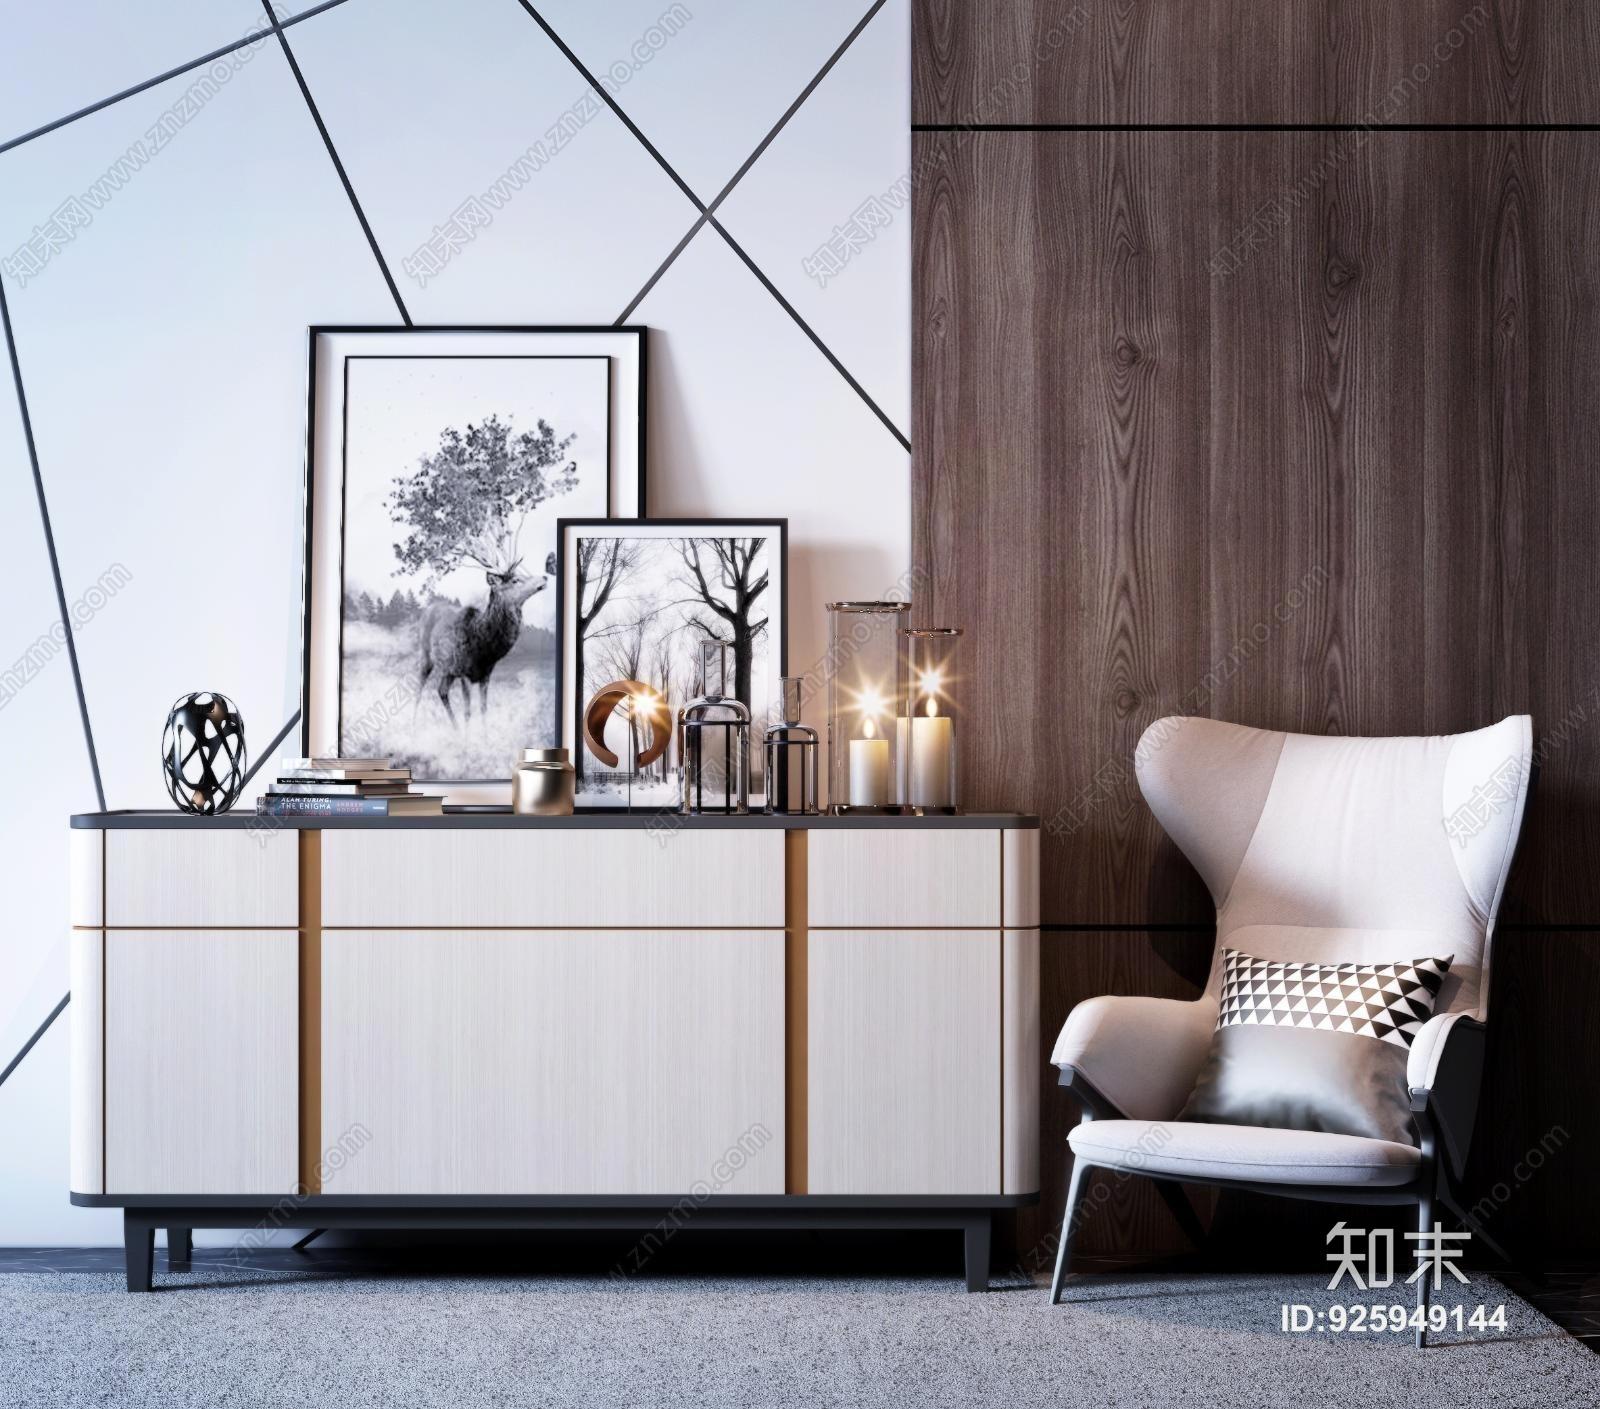 现代玄关柜 边柜 装饰柜 凳子 挂画 装饰品